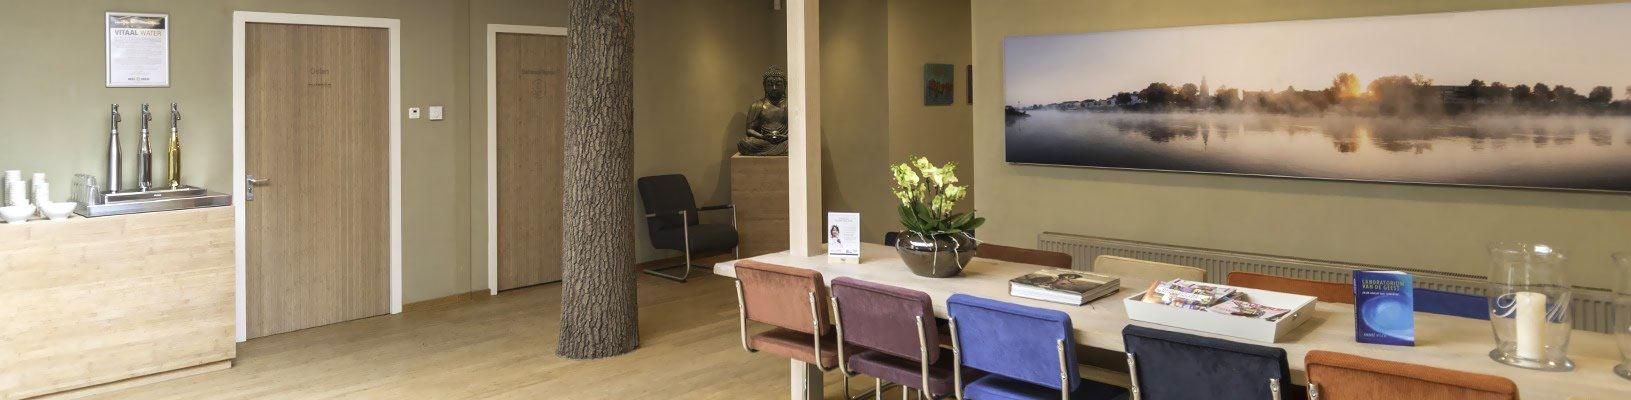 In het nieuws HeelHuus Gezondheidscentrum Warnsveld Zutphen